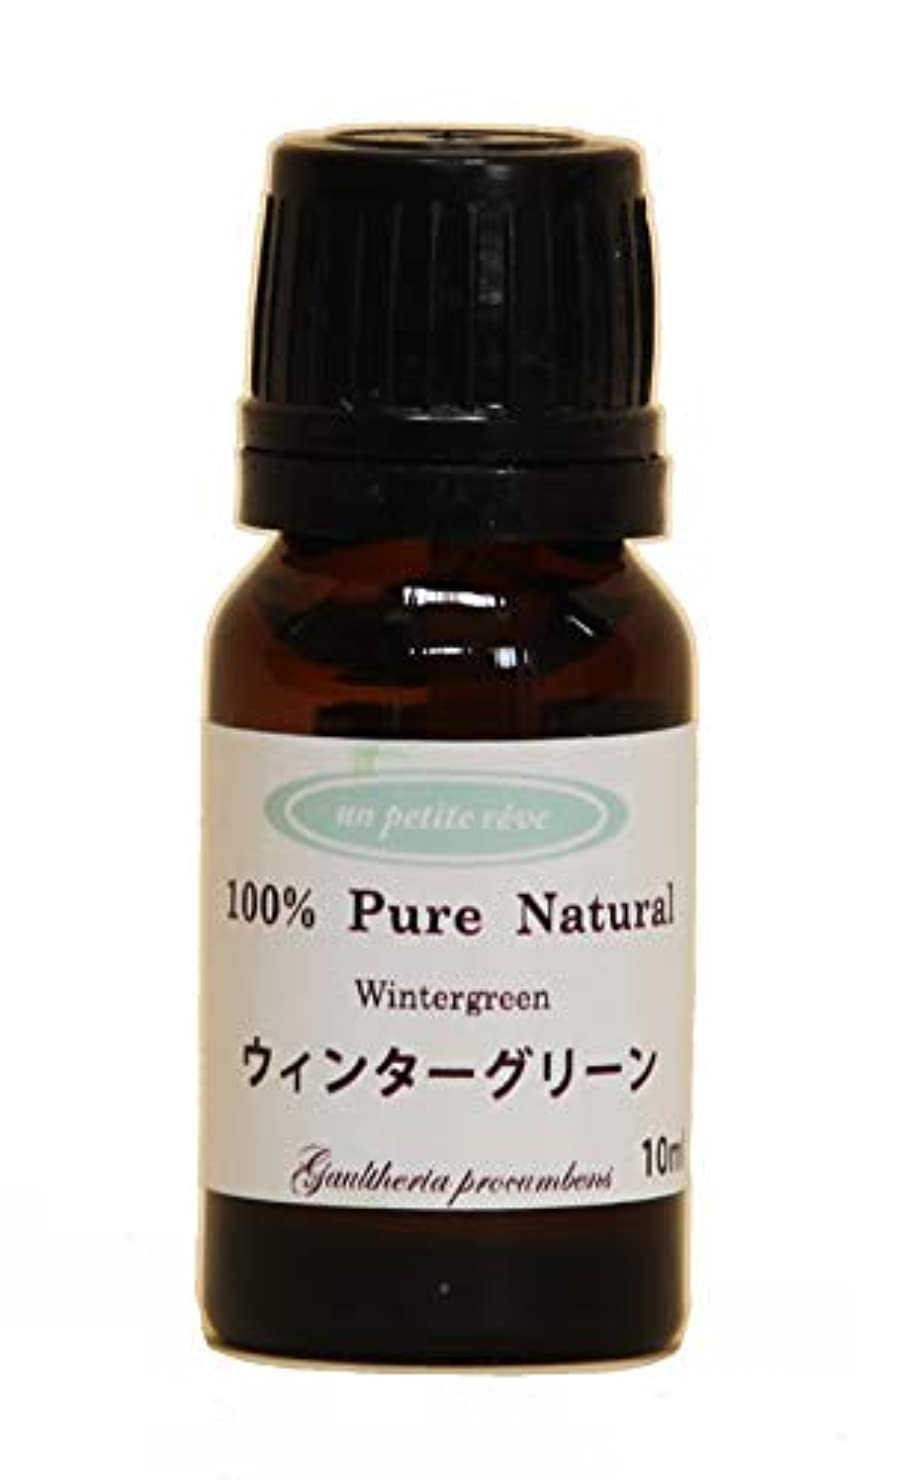 突然の文明化憲法ウィンターグリーン 10ml 100%天然アロマエッセンシャルオイル(精油)